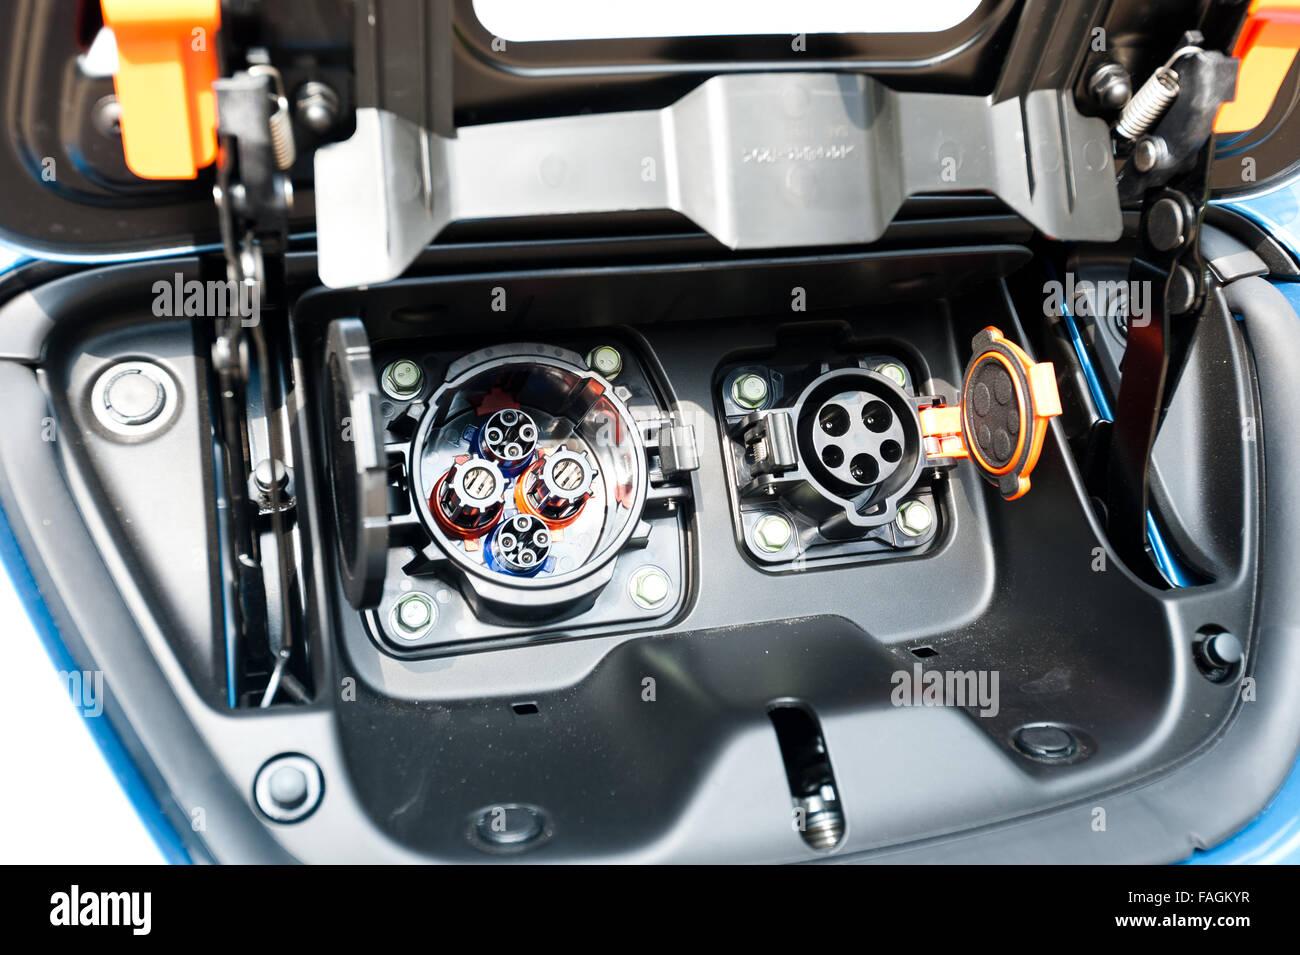 El enchufe de carga para vehículos eléctricos e híbridos. Se centró en el tapón Imagen De Stock